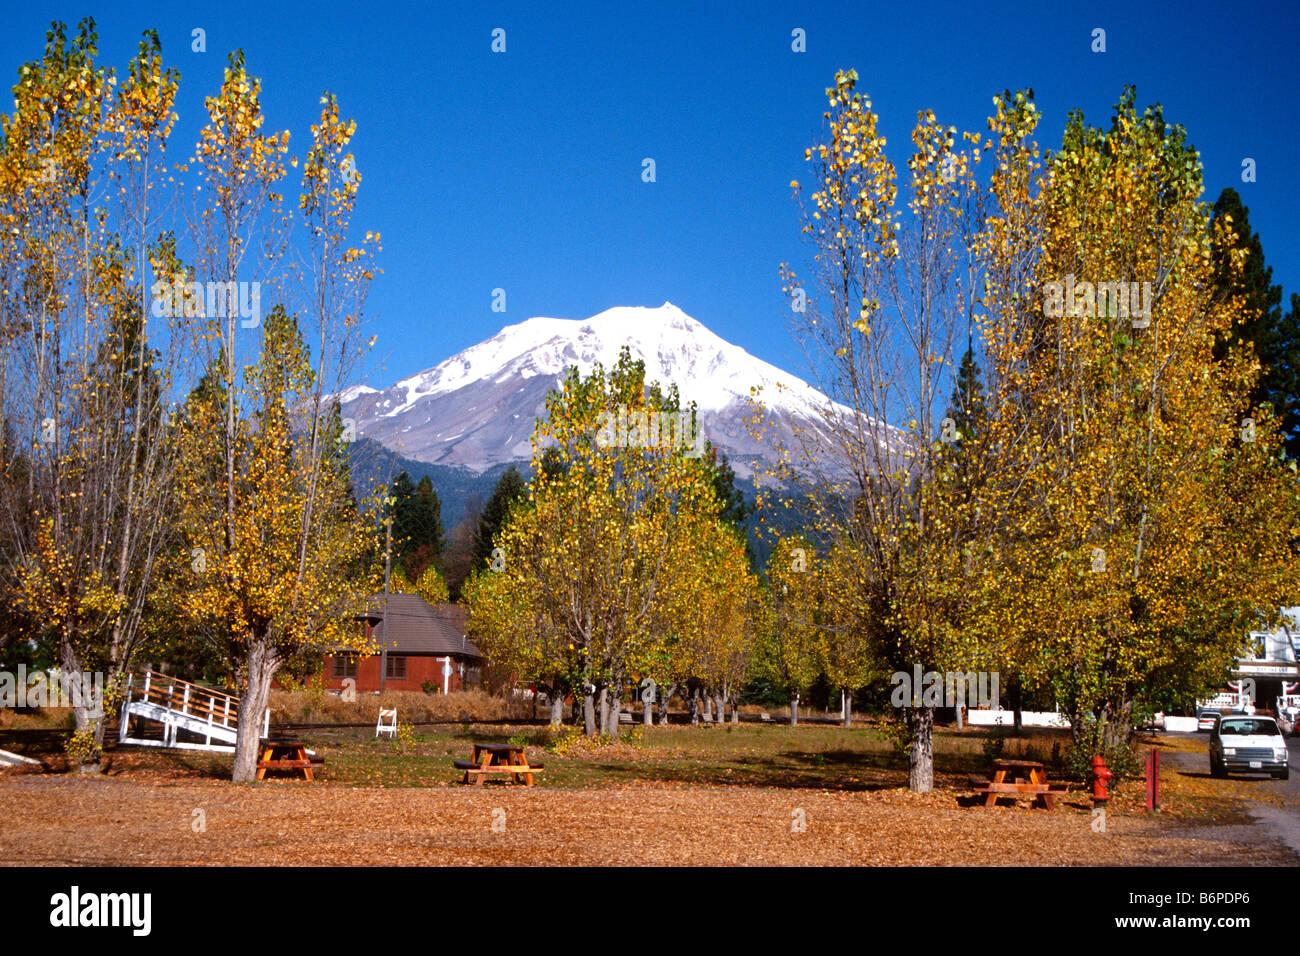 mount-shasta-seen-through-autumn-leaves-at-mccloud-california-B6PDP6.jpg